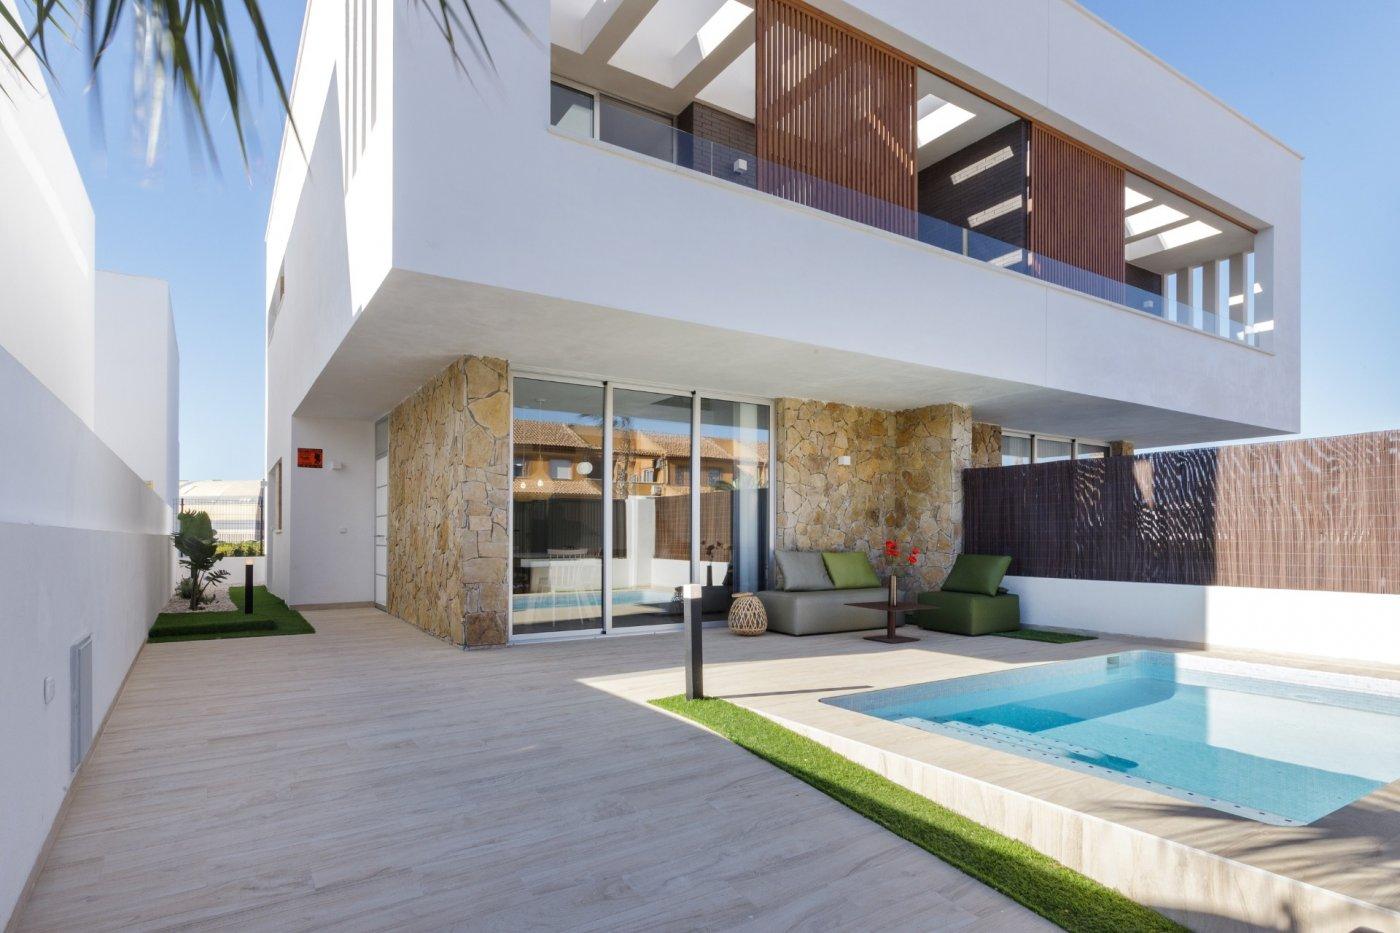 Villas con estilo en san pedro del pinatar - imagenInmueble0